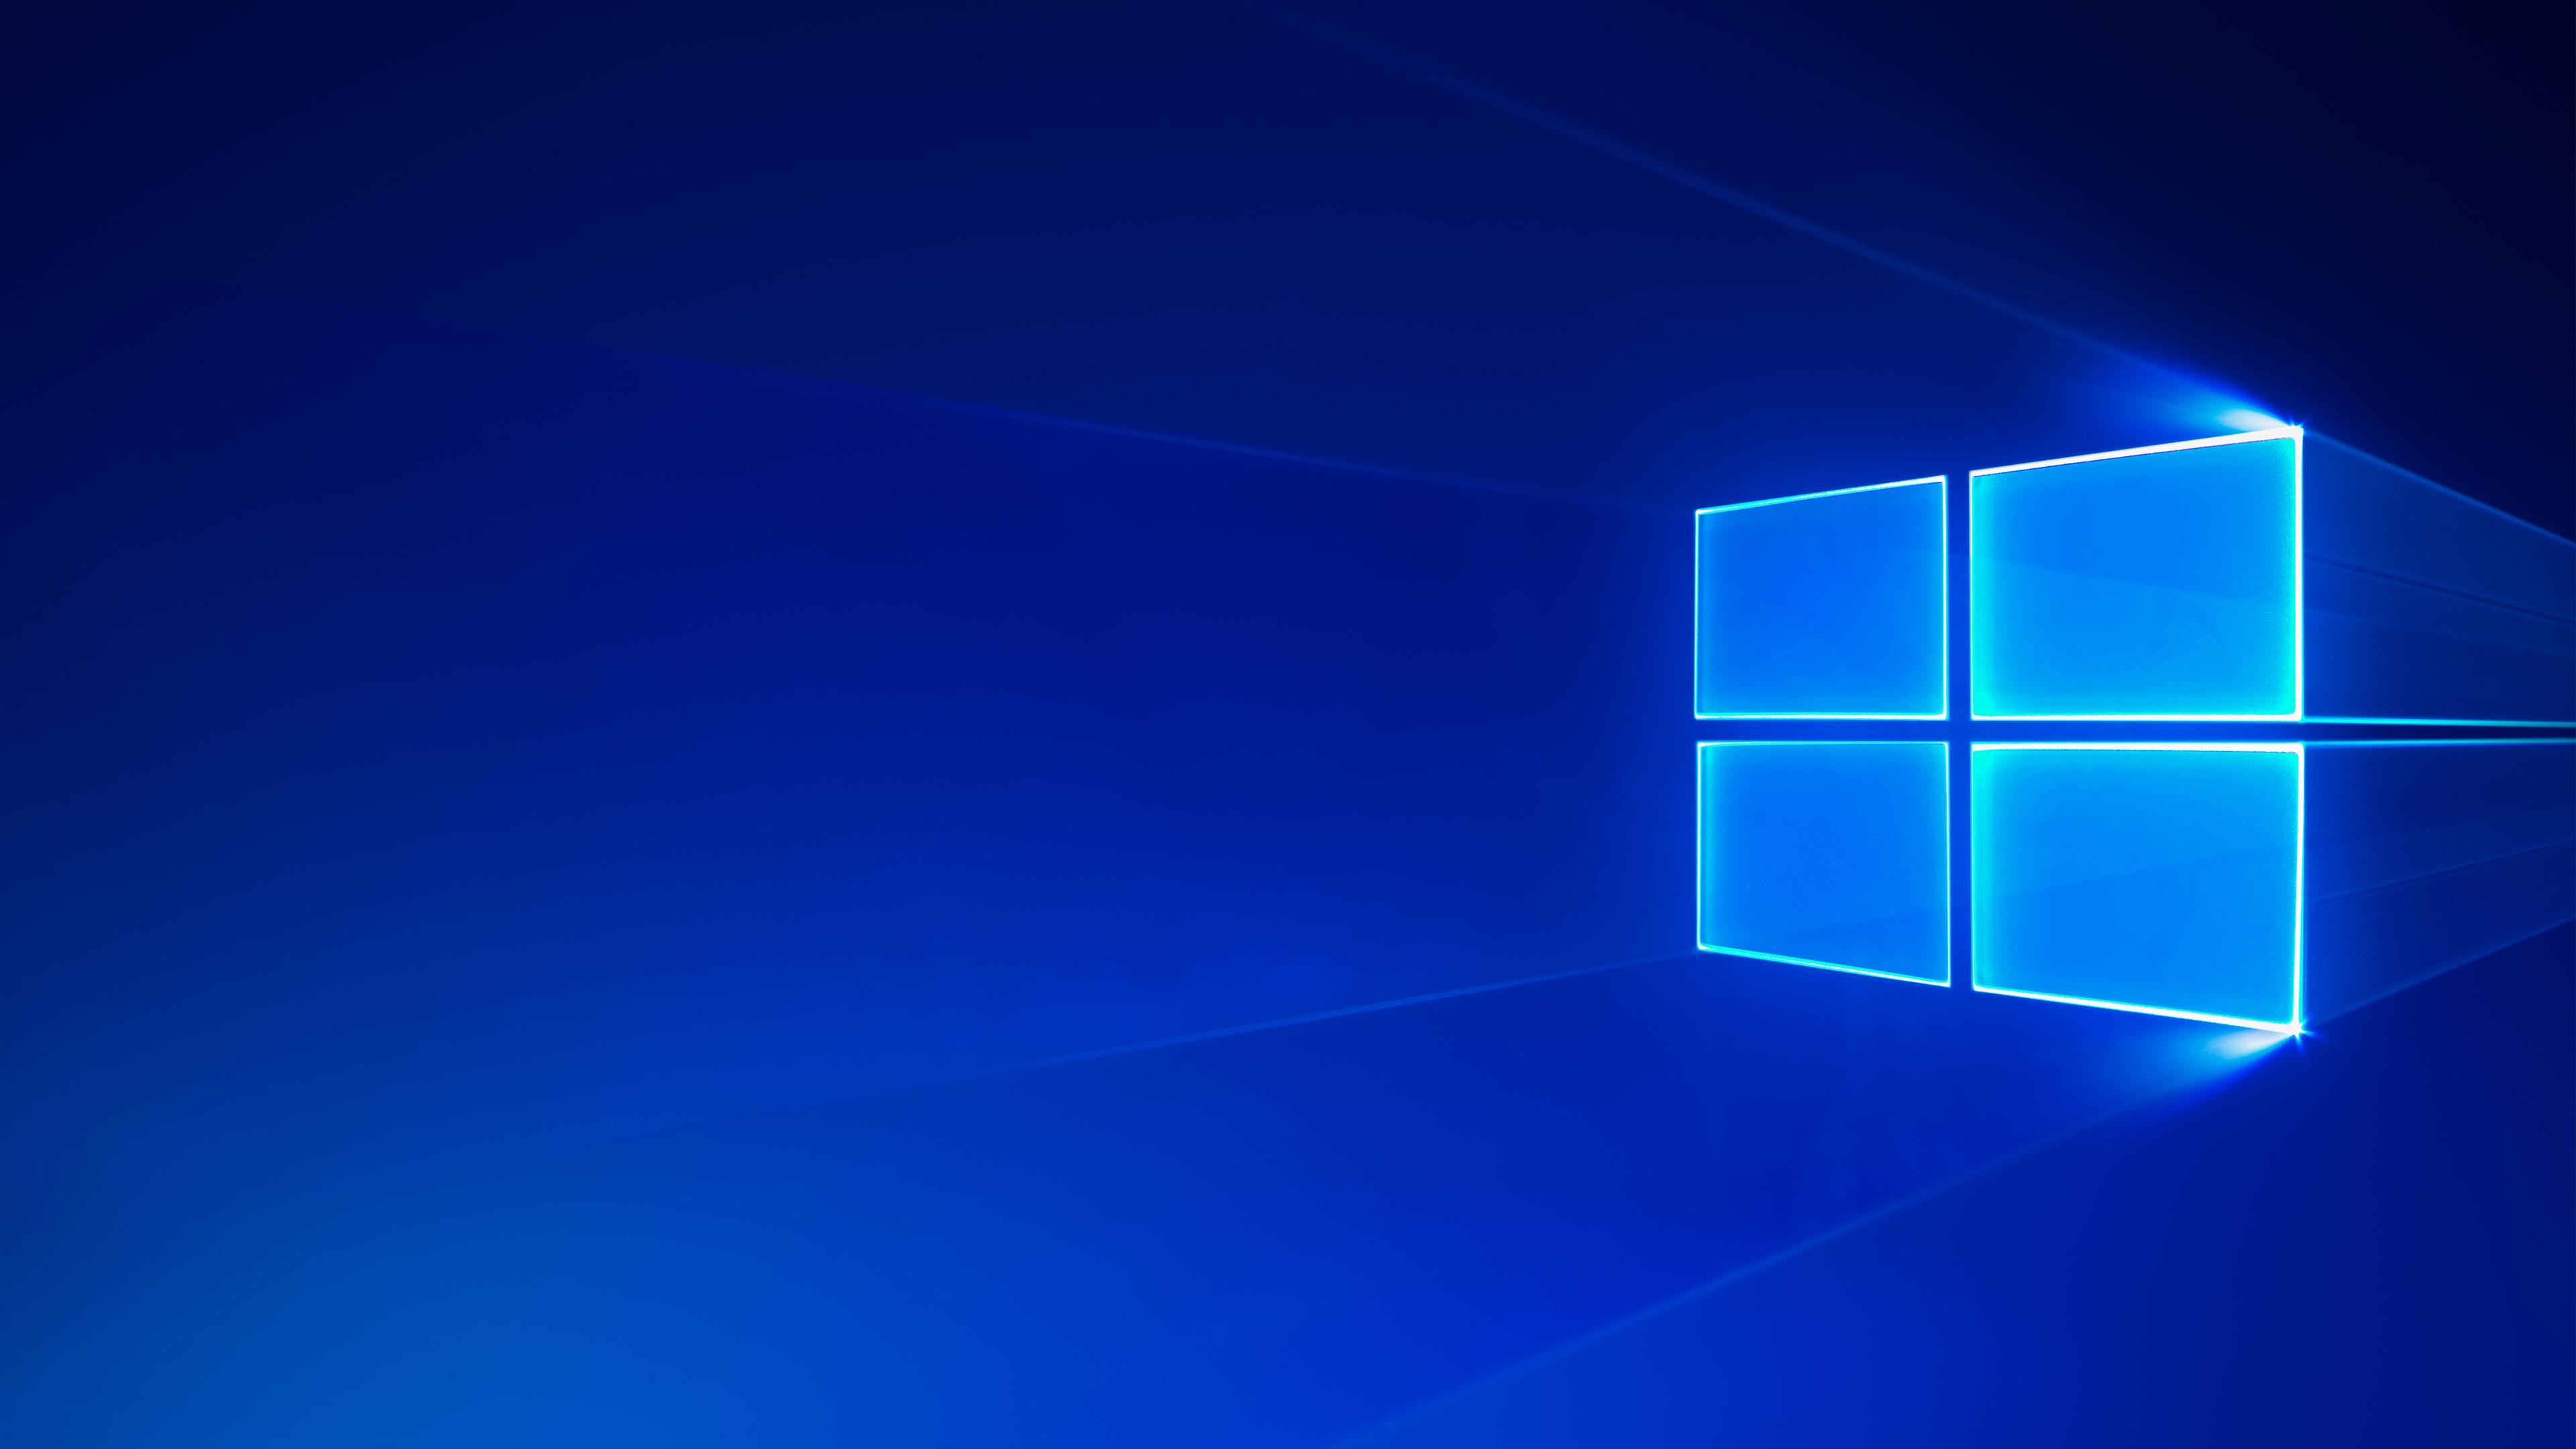 Windows 10 S 的默认壁纸是真的绝了 V2ex